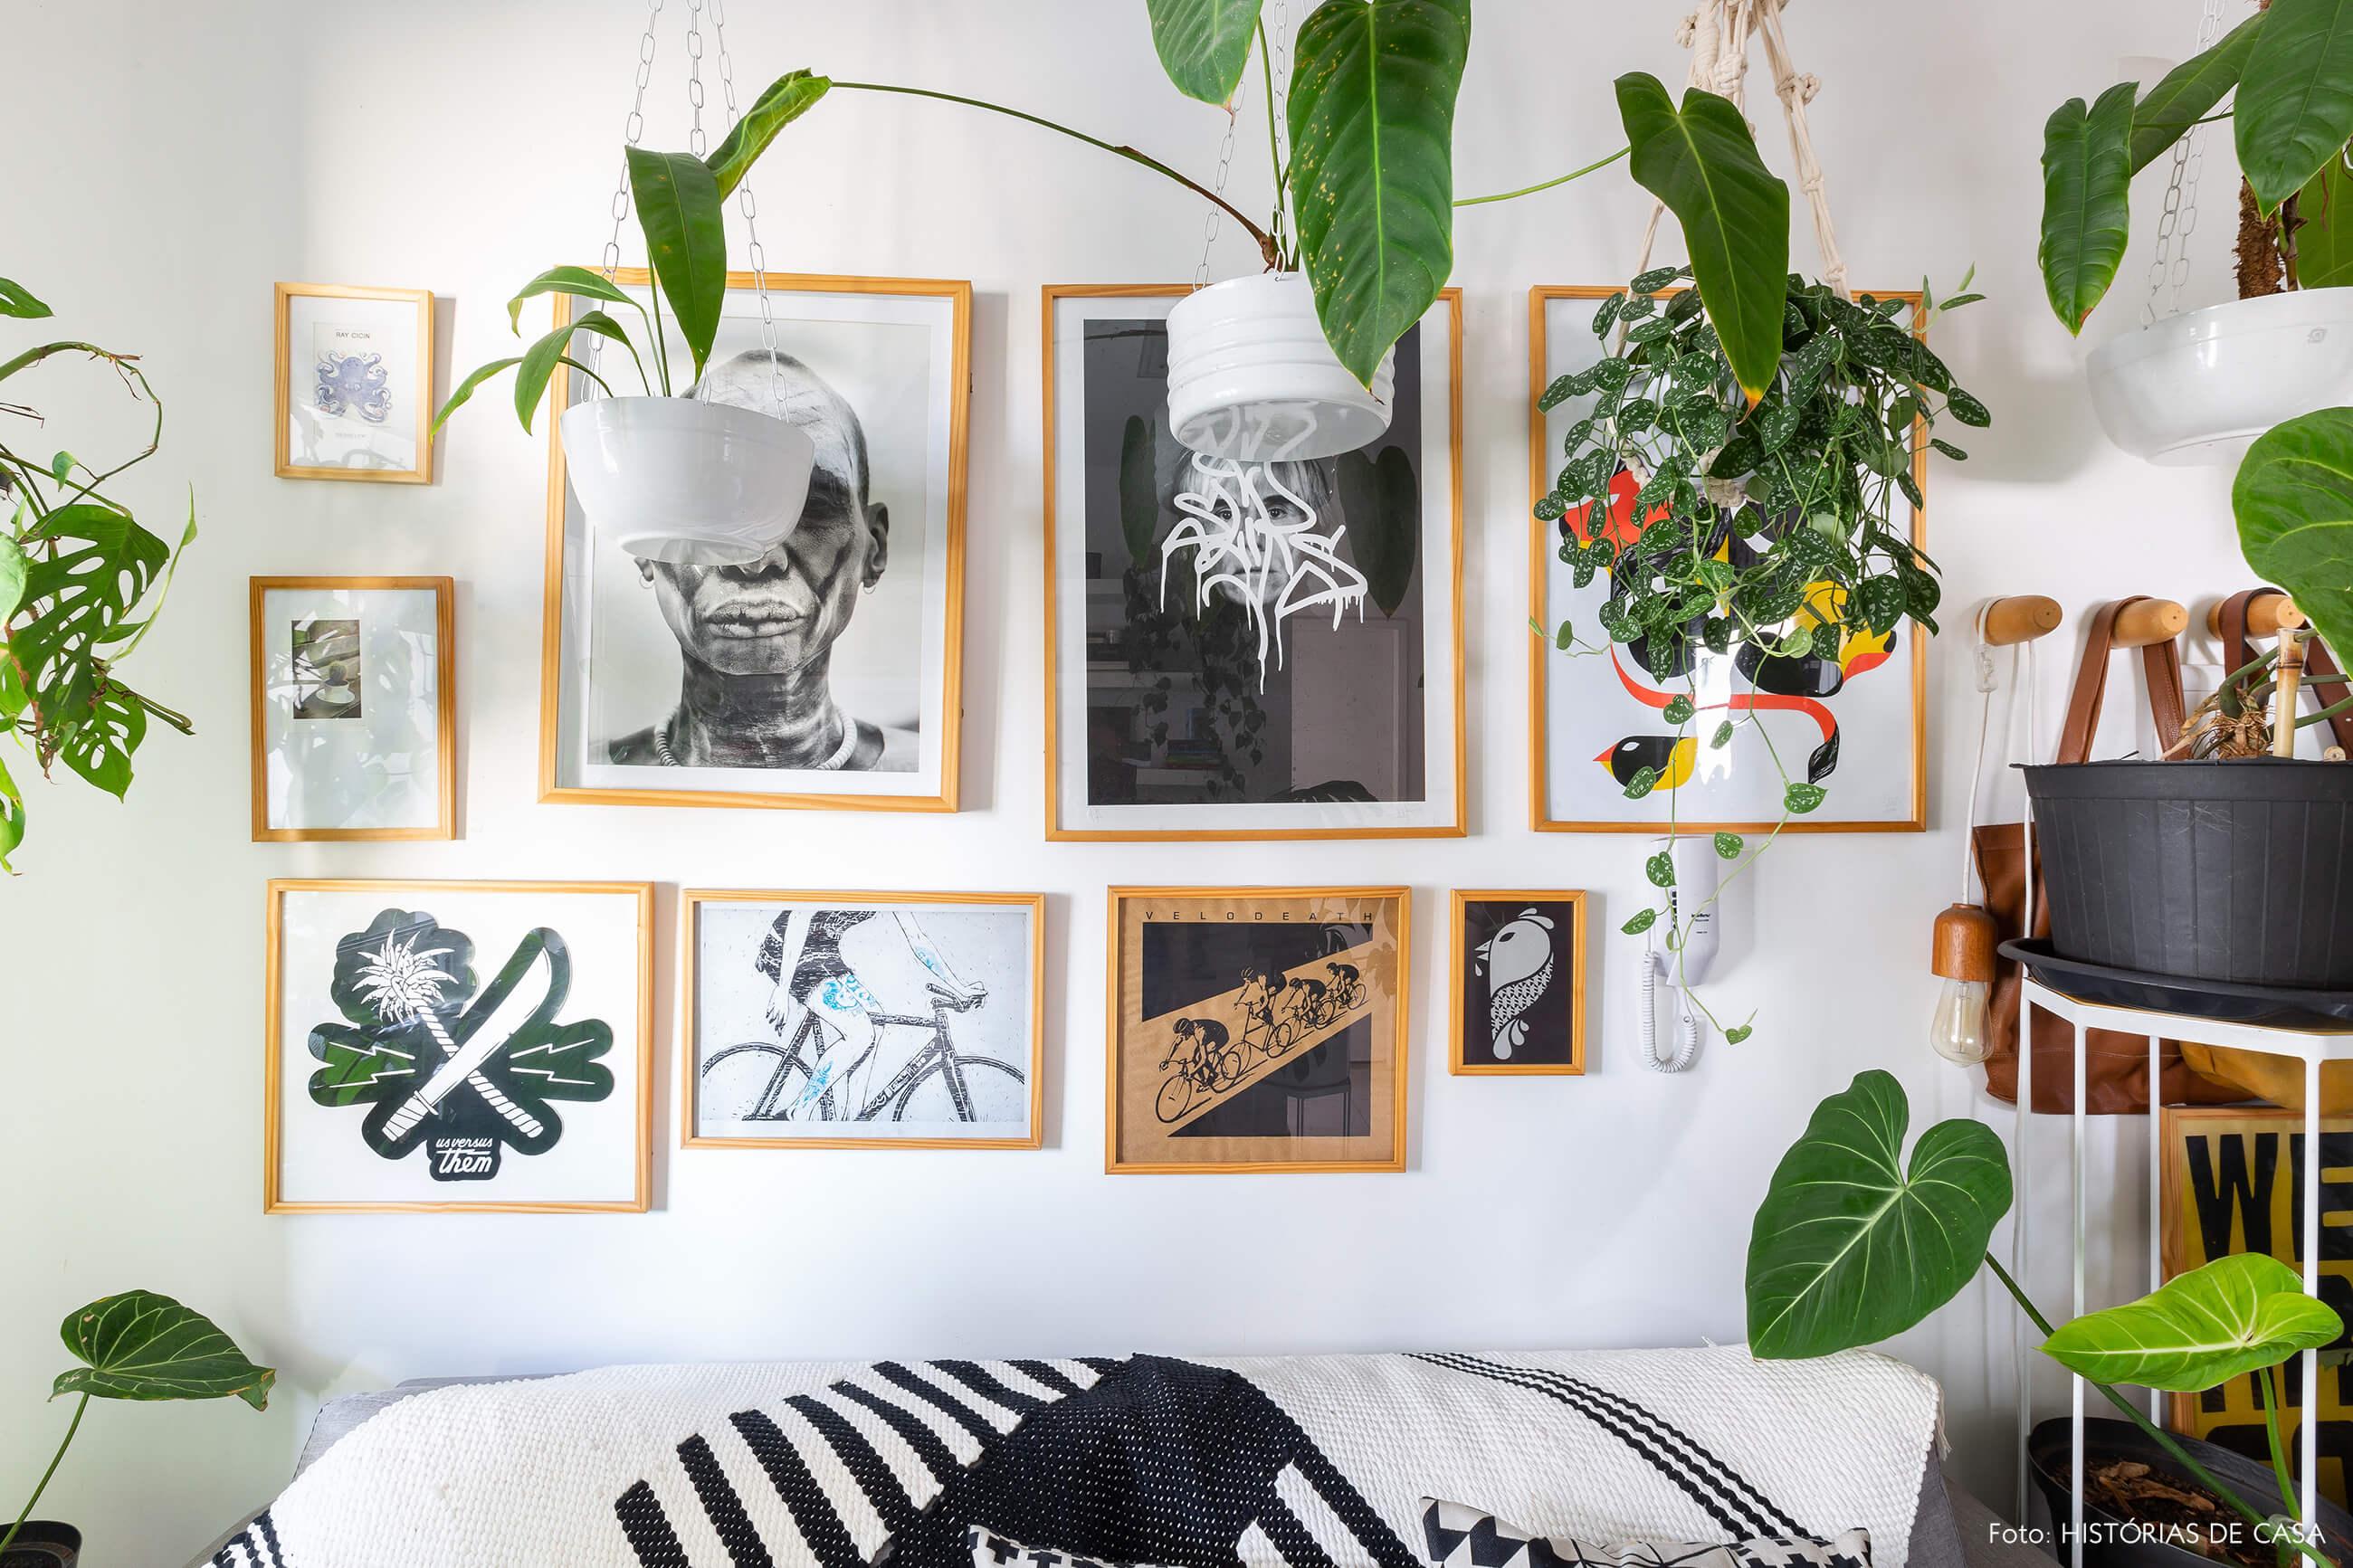 Apartamento pequeno com muitas plantas e parede de quadros